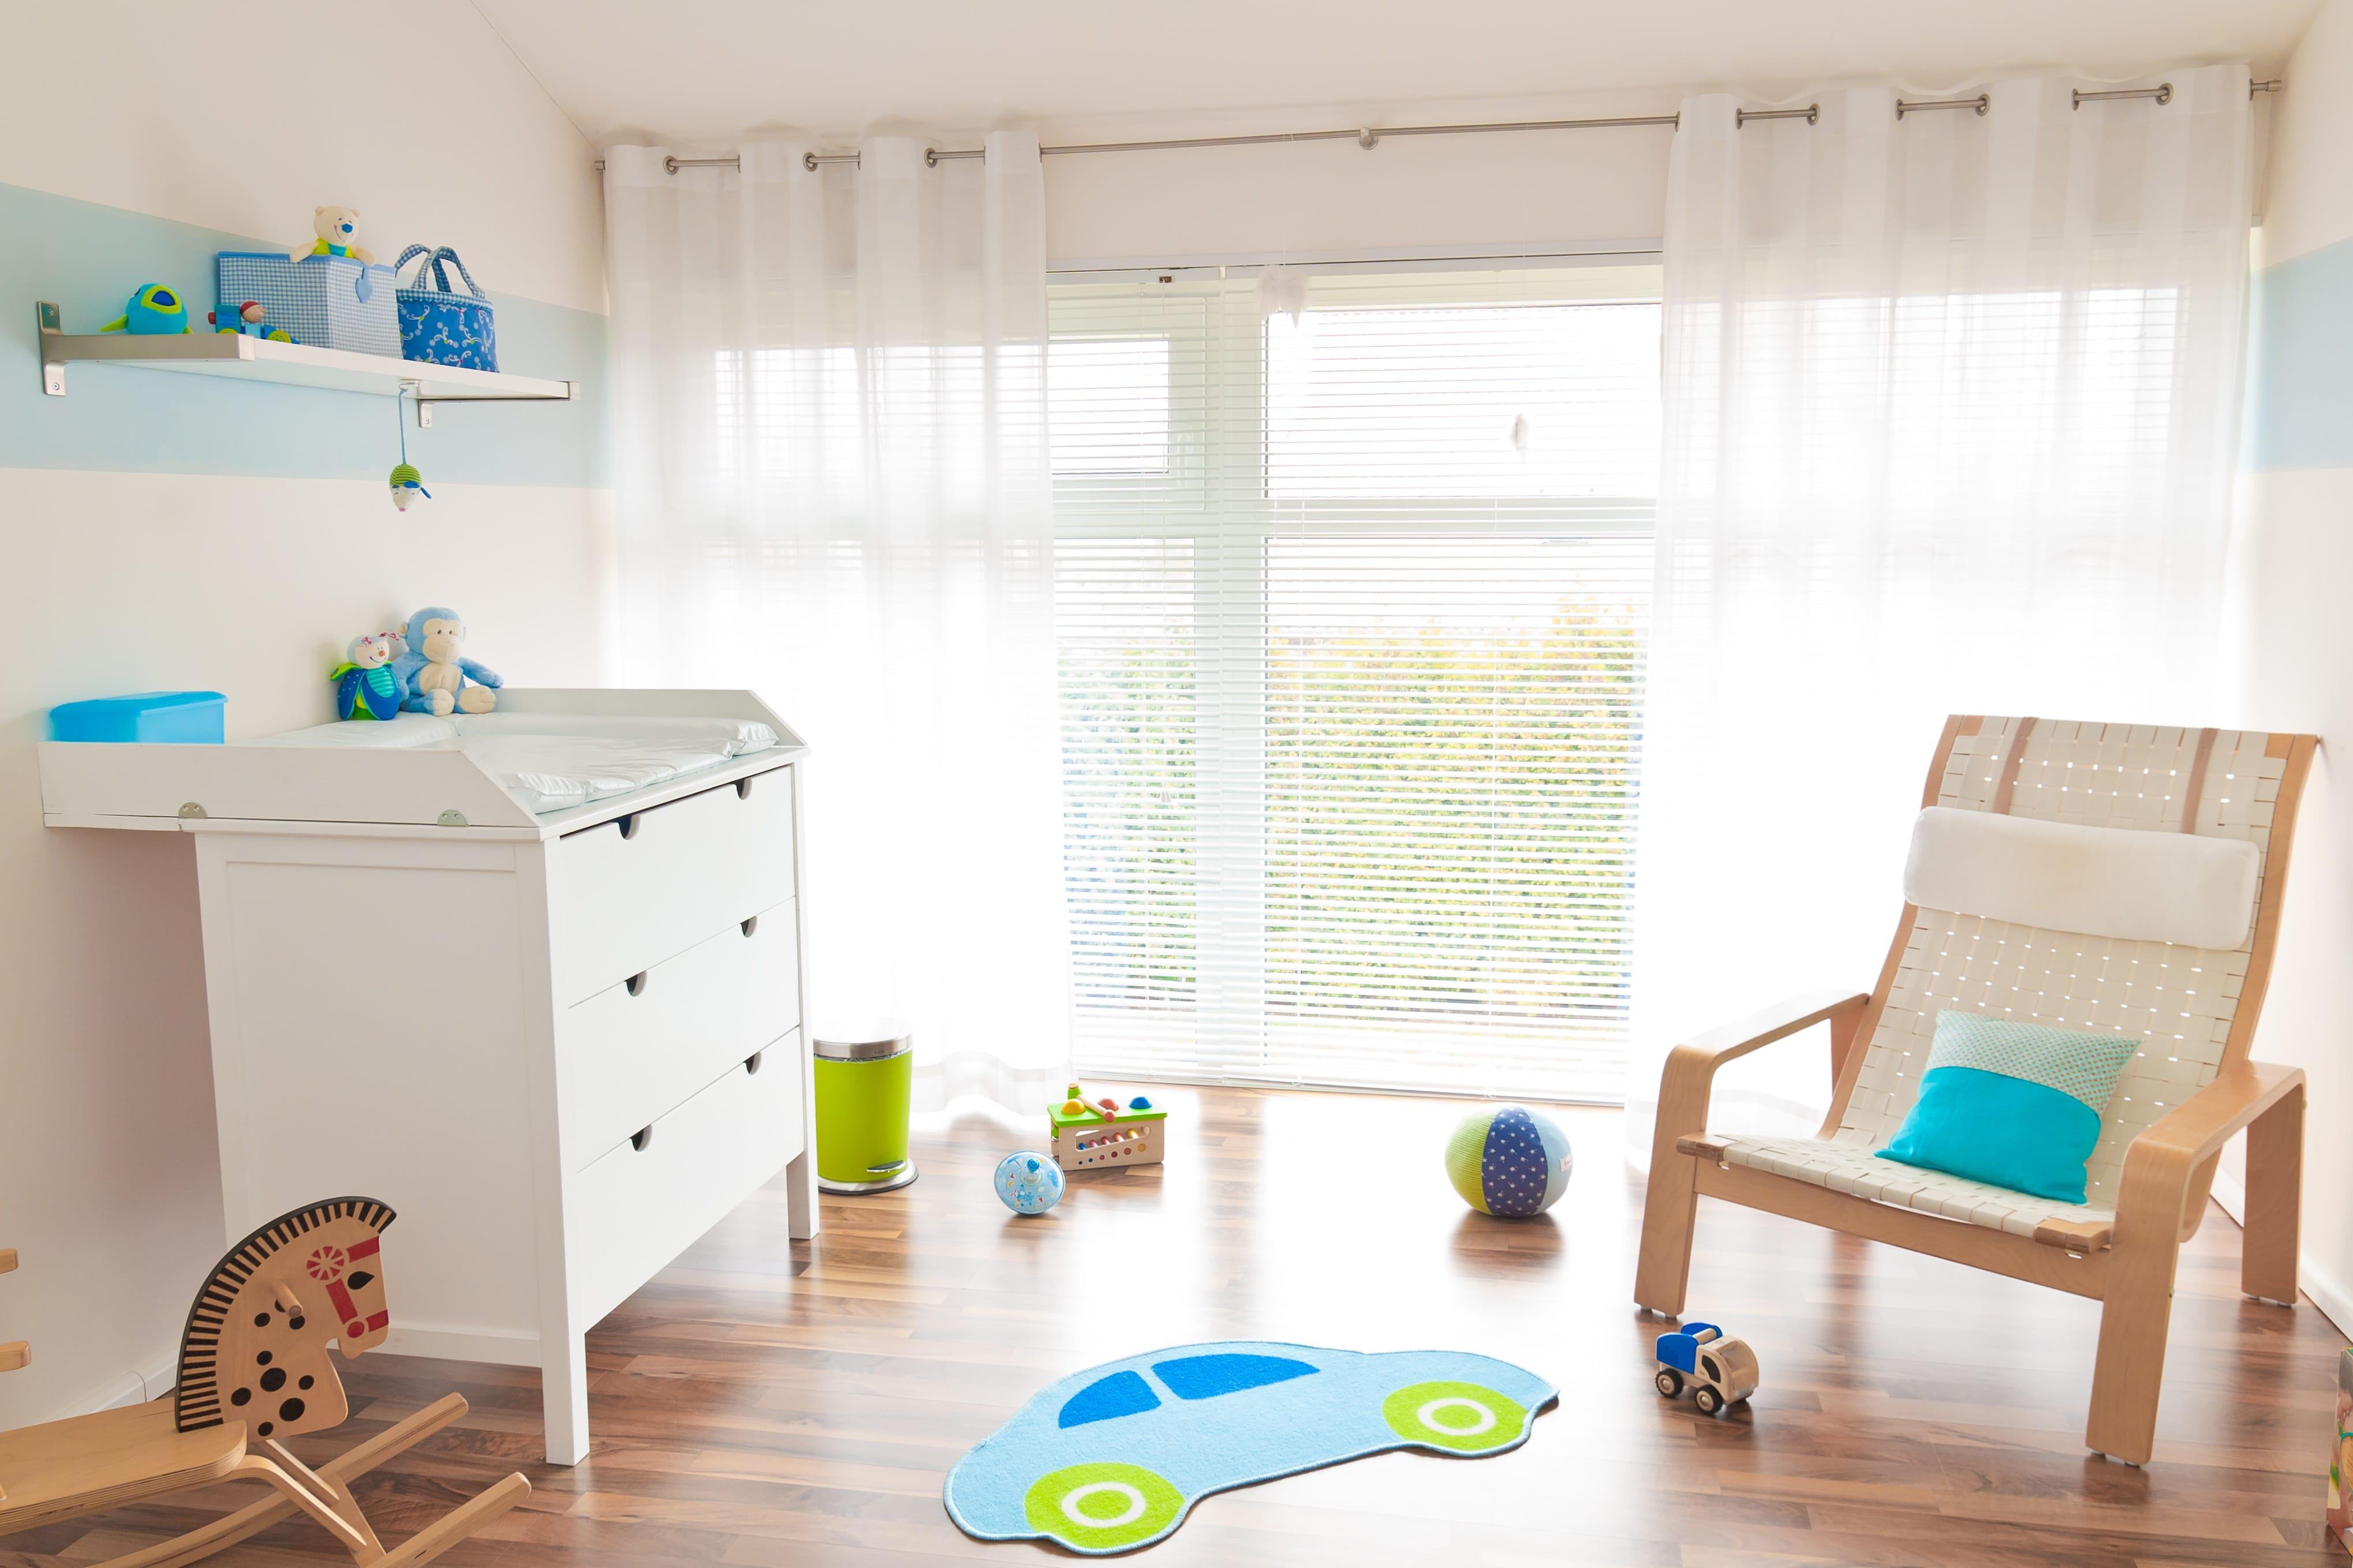 kinderzimmer sicher machen diese 3 tipps sollten eltern beherzigen. Black Bedroom Furniture Sets. Home Design Ideas